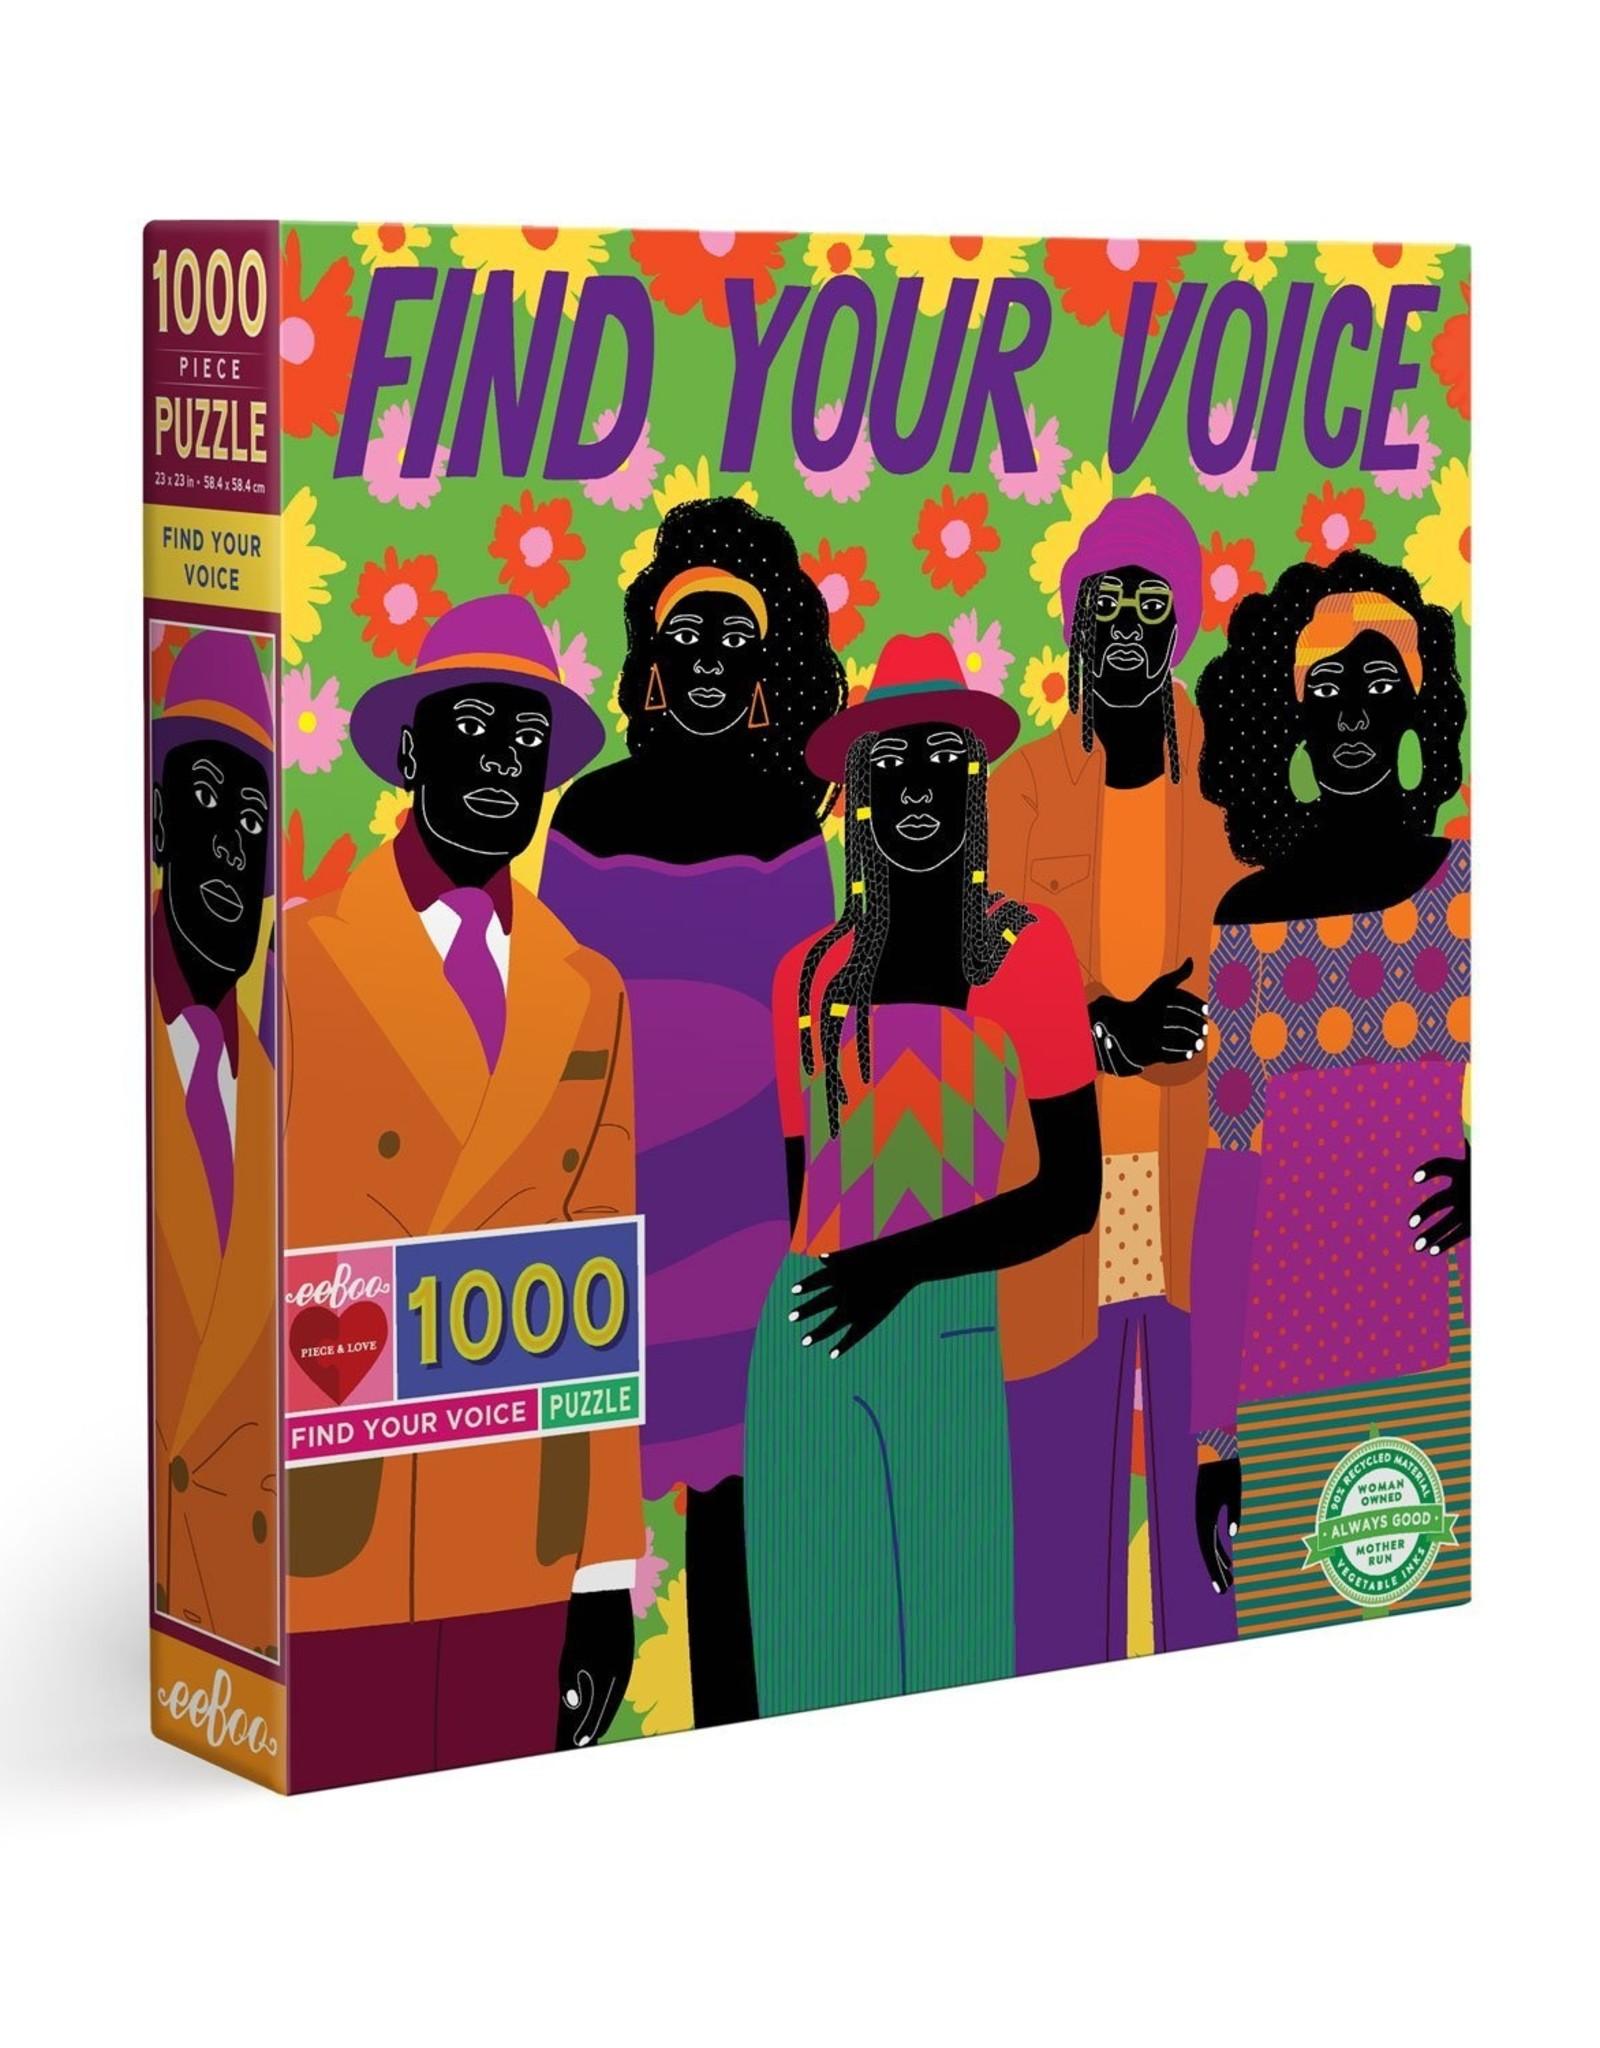 eeBoo Puzzle 1000 piece : Find your voice